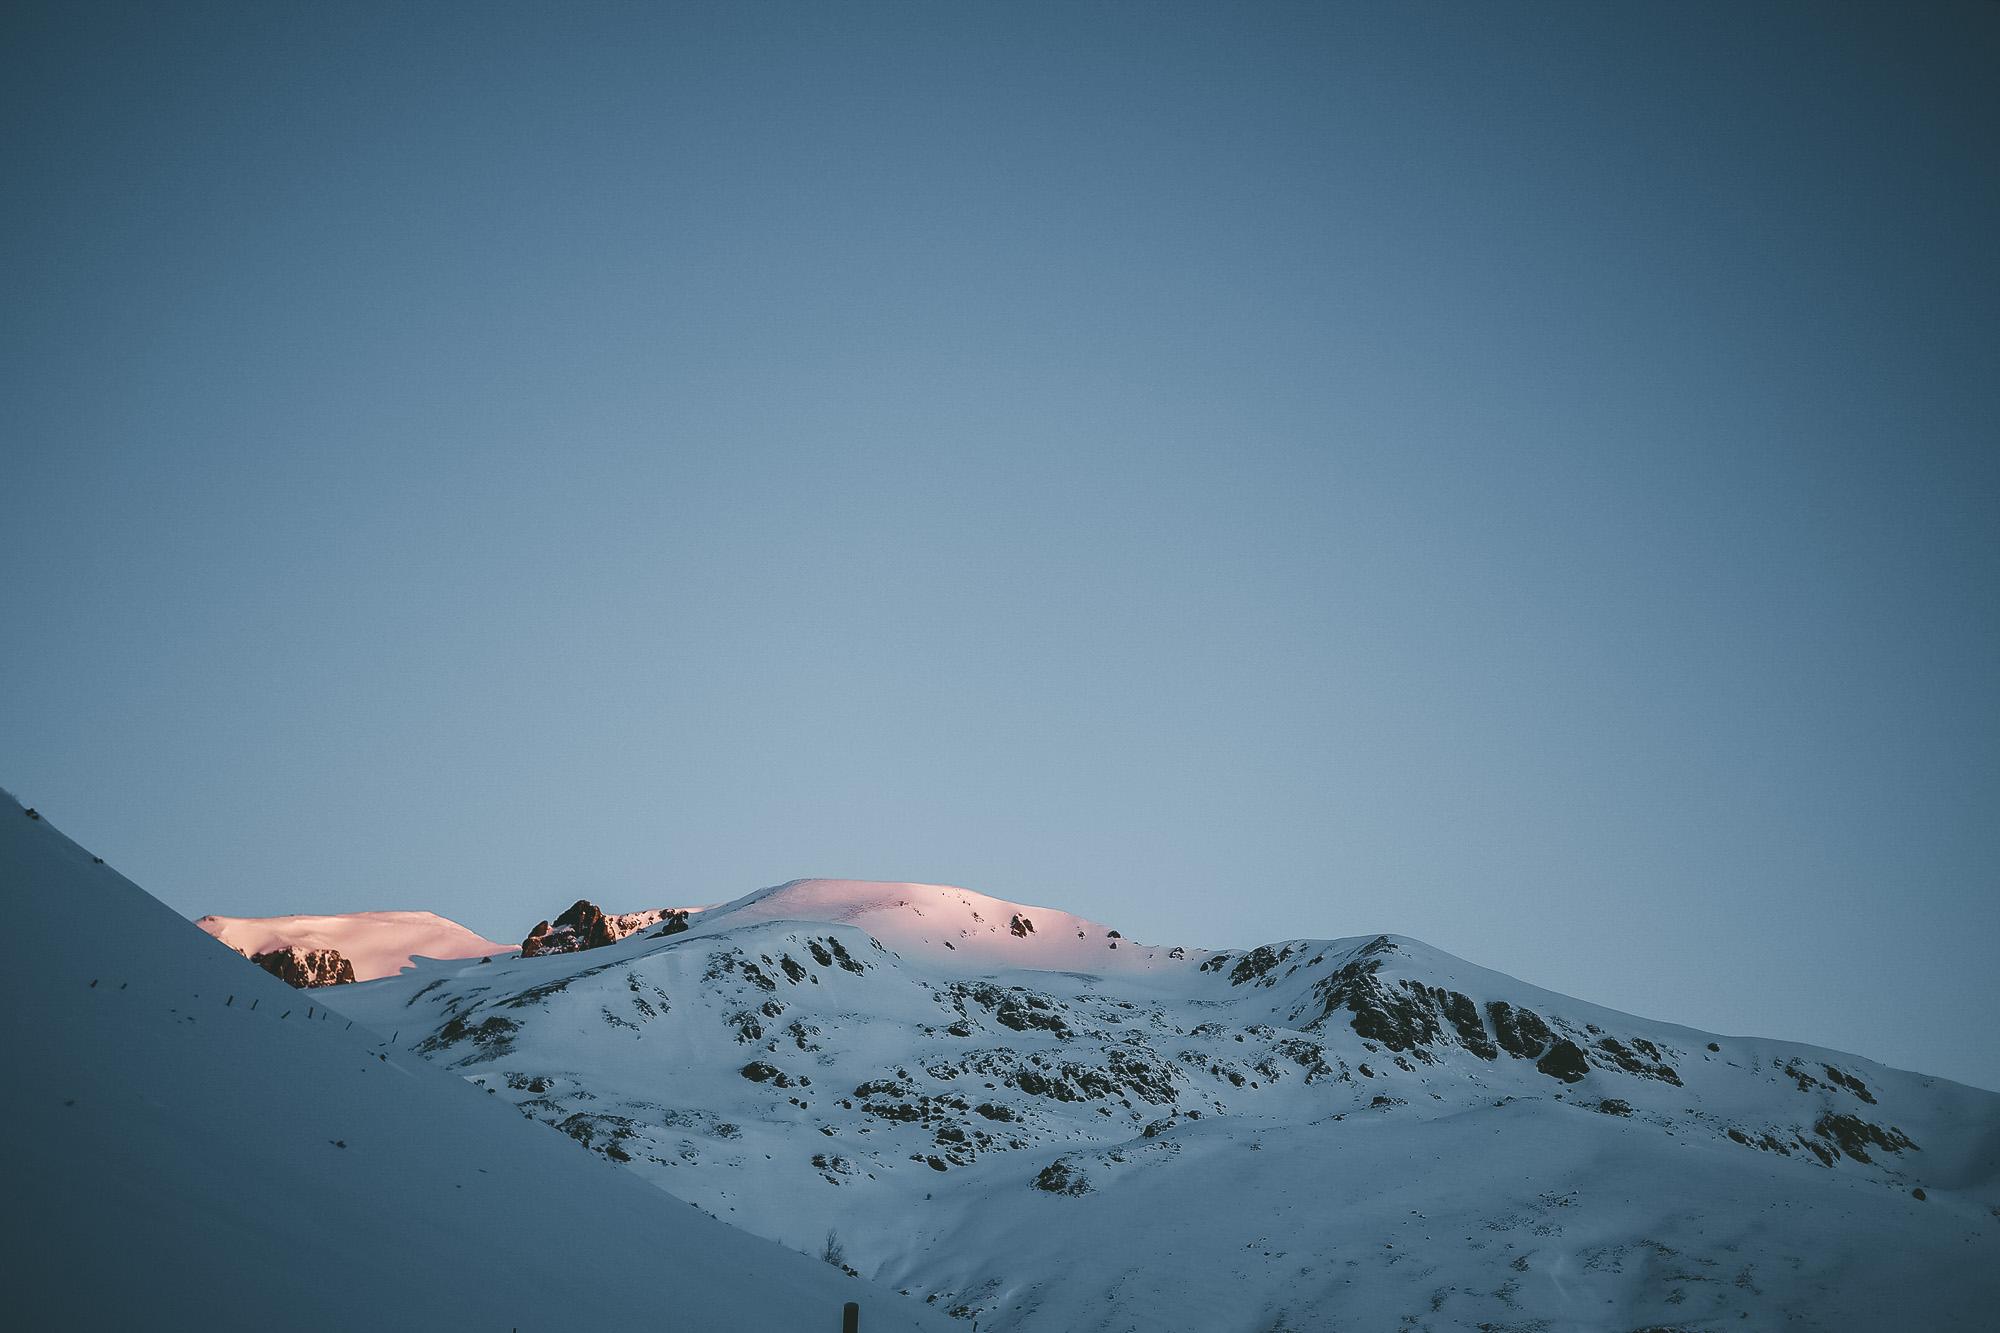 seule les montagnes ne se rencontre pas